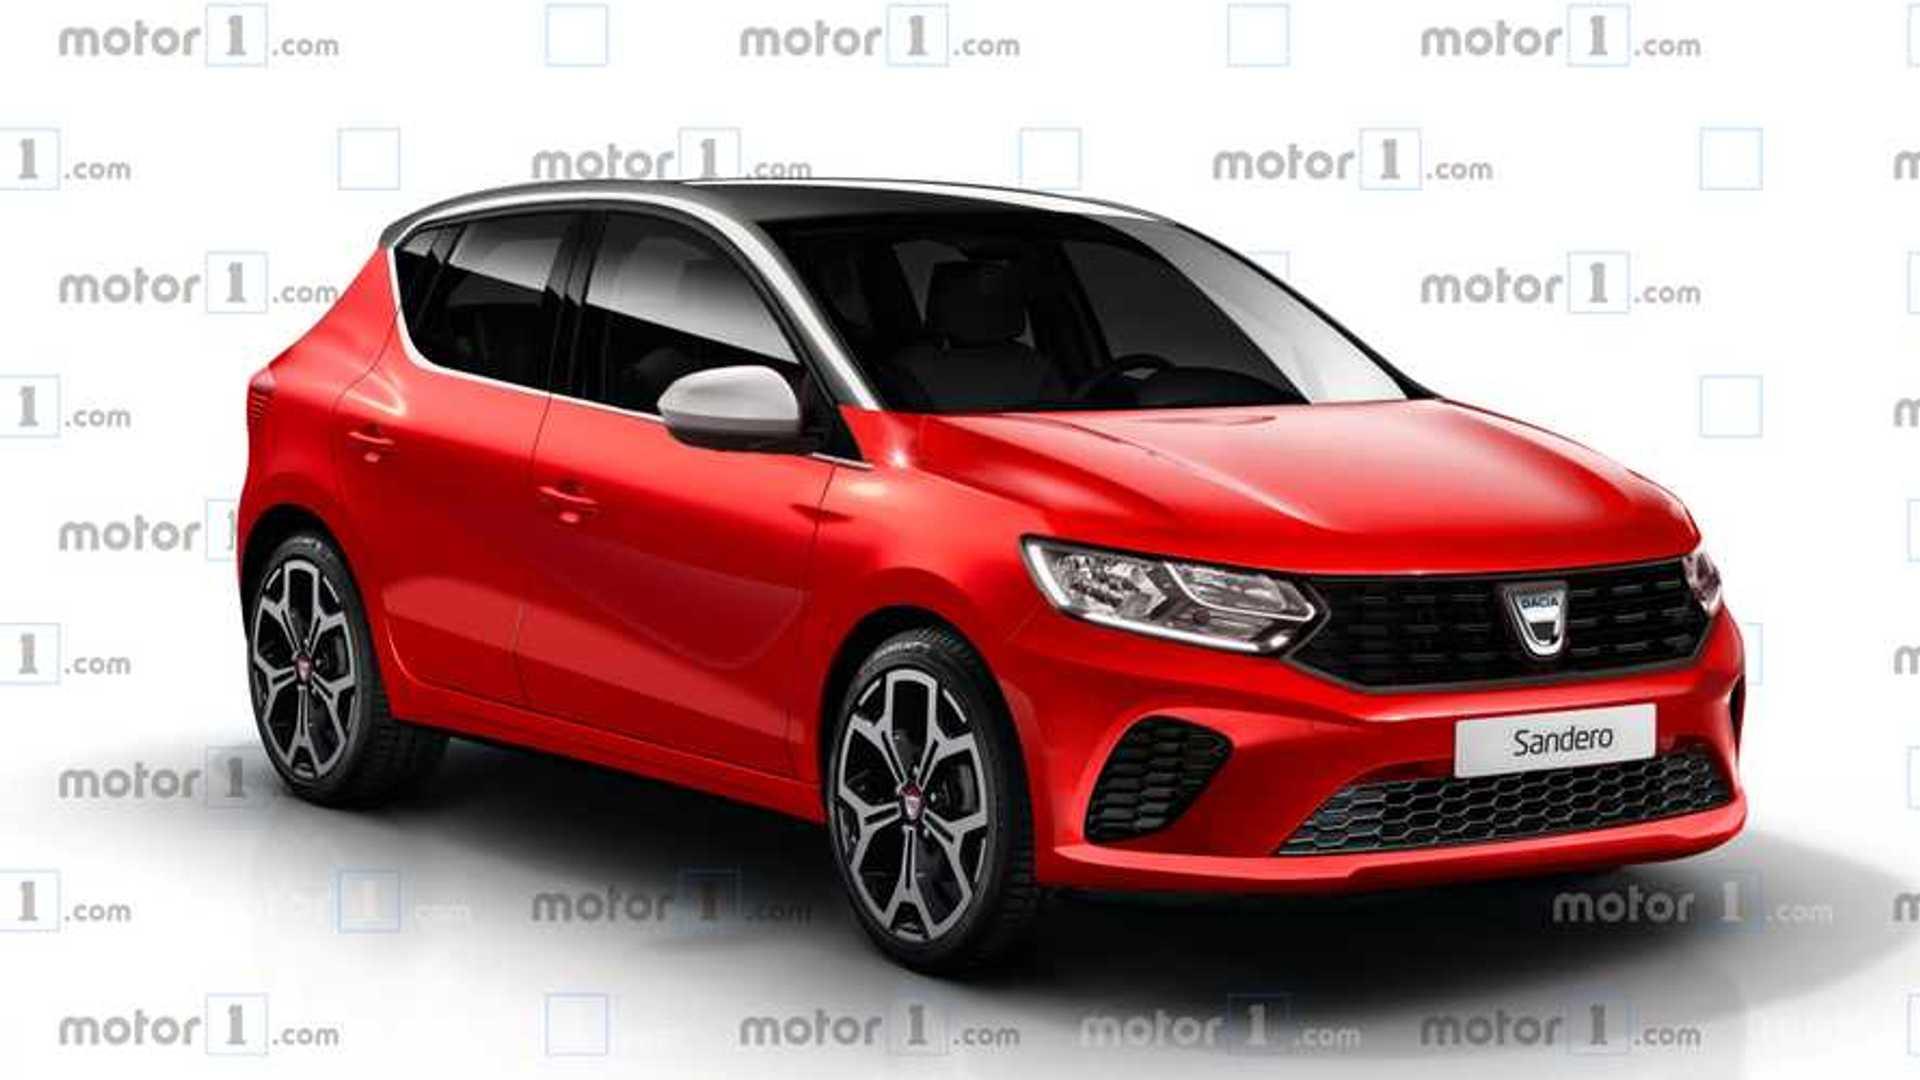 Эксклюзив: визуализируем новый Renault Sandero